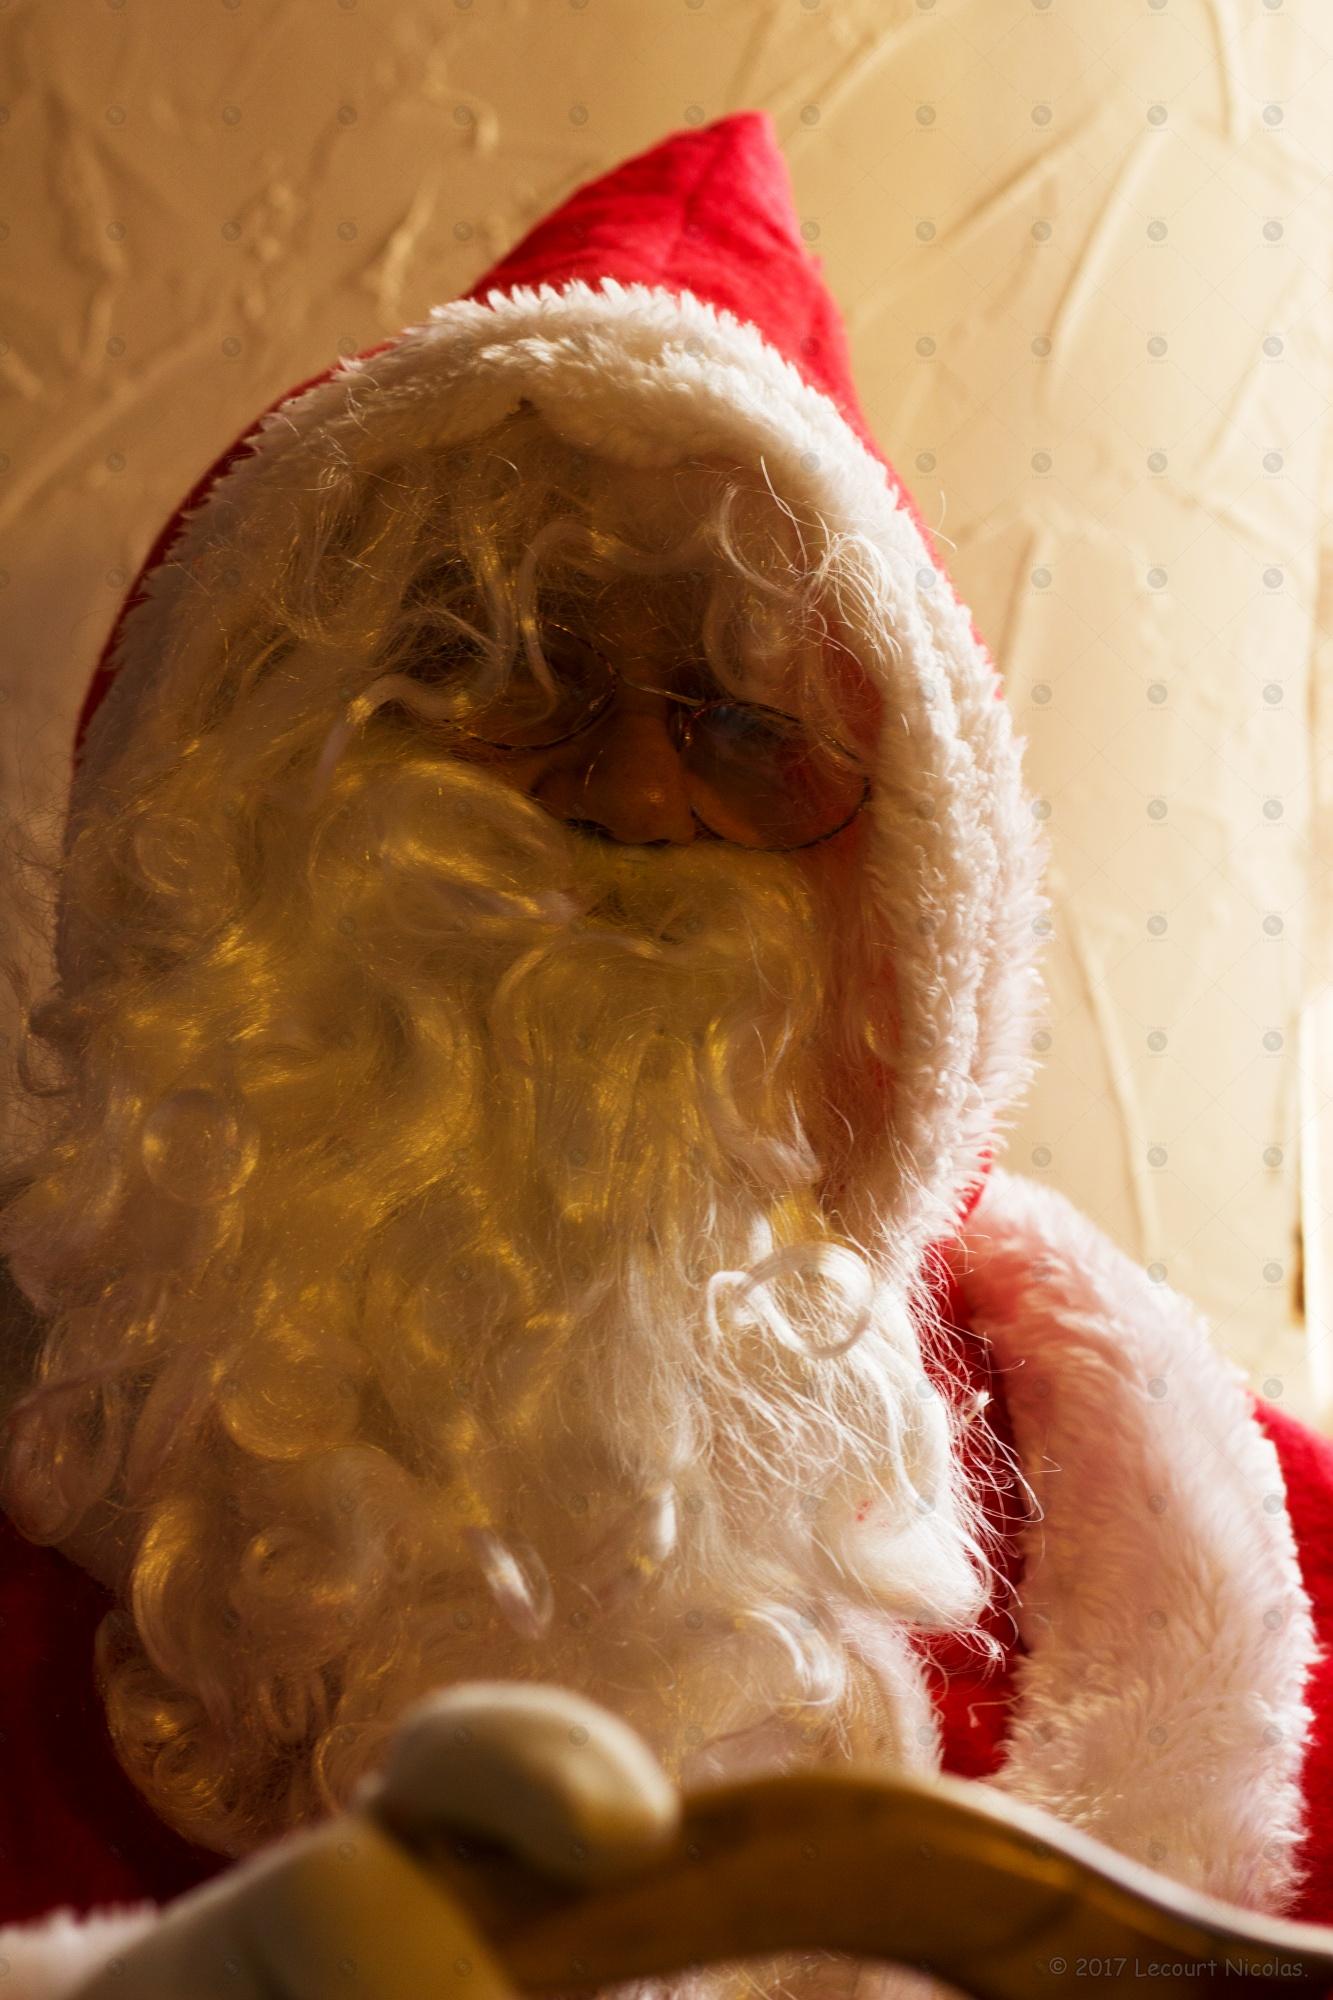 Nouveau Portfolio Noël « Portraits de Noël »